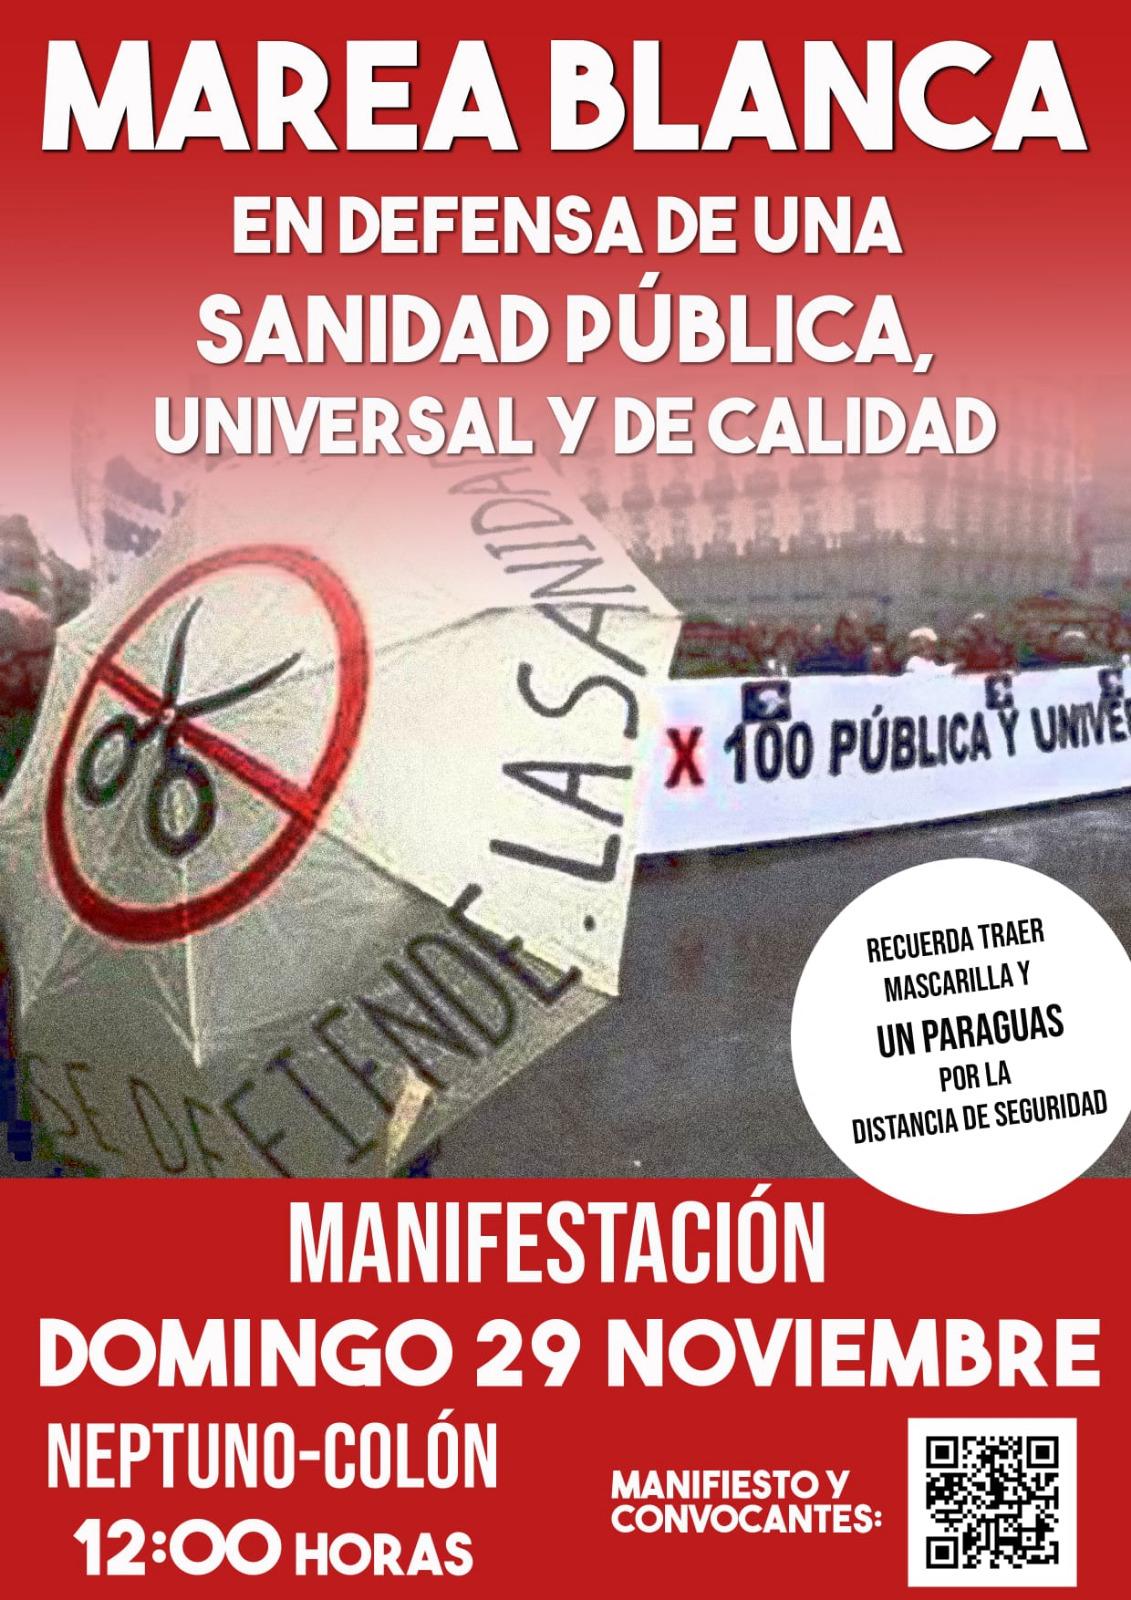 El 29N, una gran Marea Blanca recorrerá al centro de Madrid en defensa de la sanidad pública